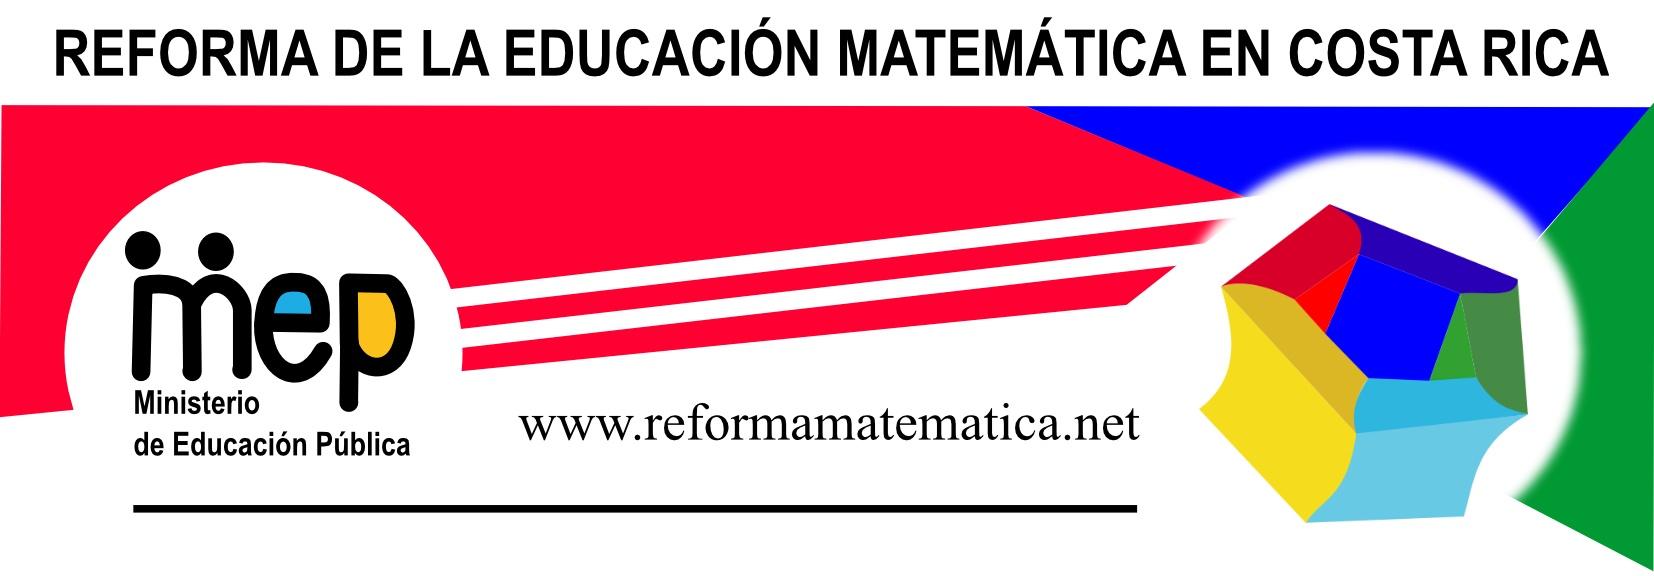 REFORMA DE LA EDUCACIÓN MATEMATICA EN COSTA RICA